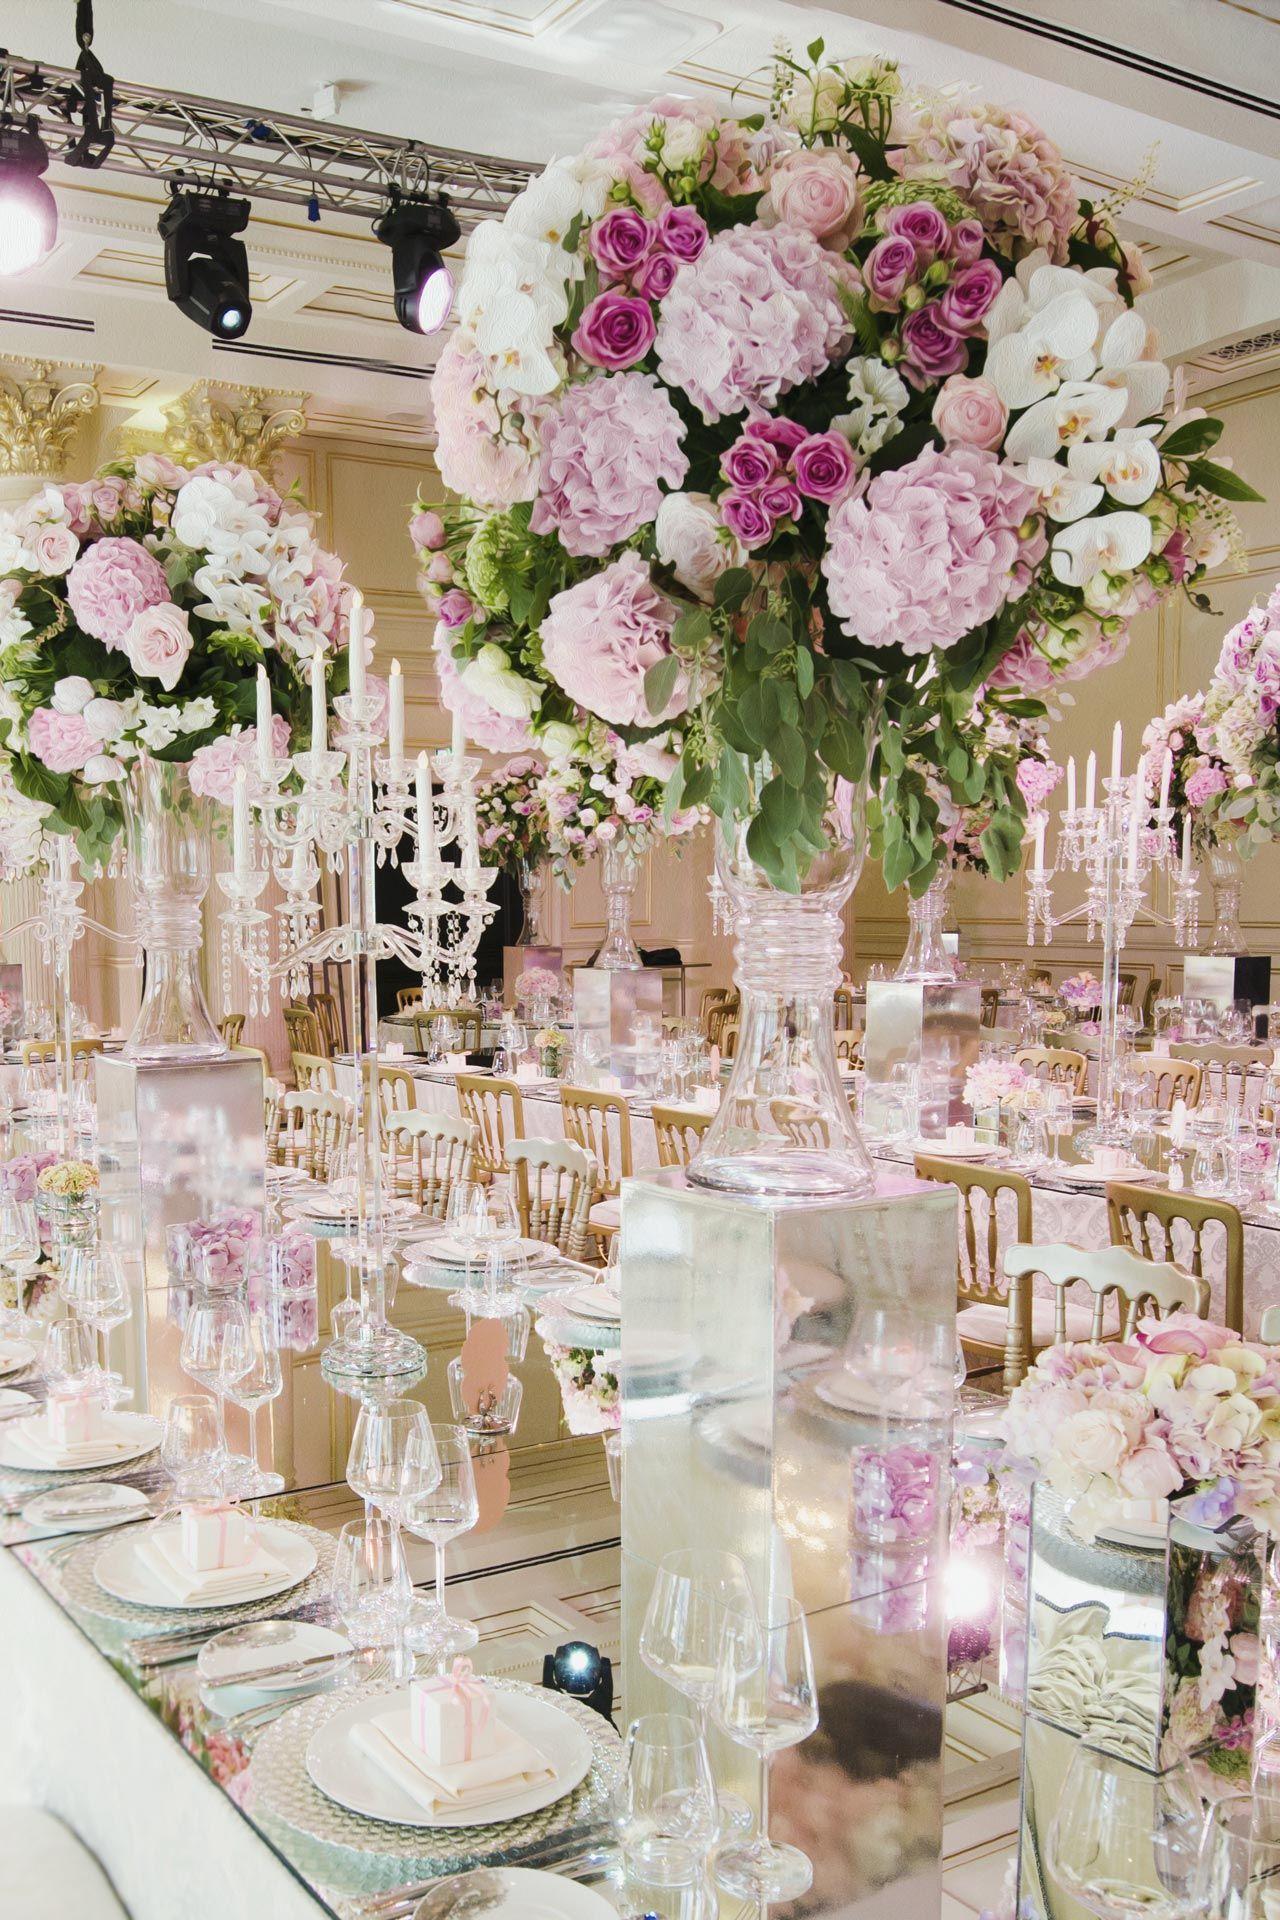 Студия декора Юлии Шакировой, цветочная свадьба, фото 16